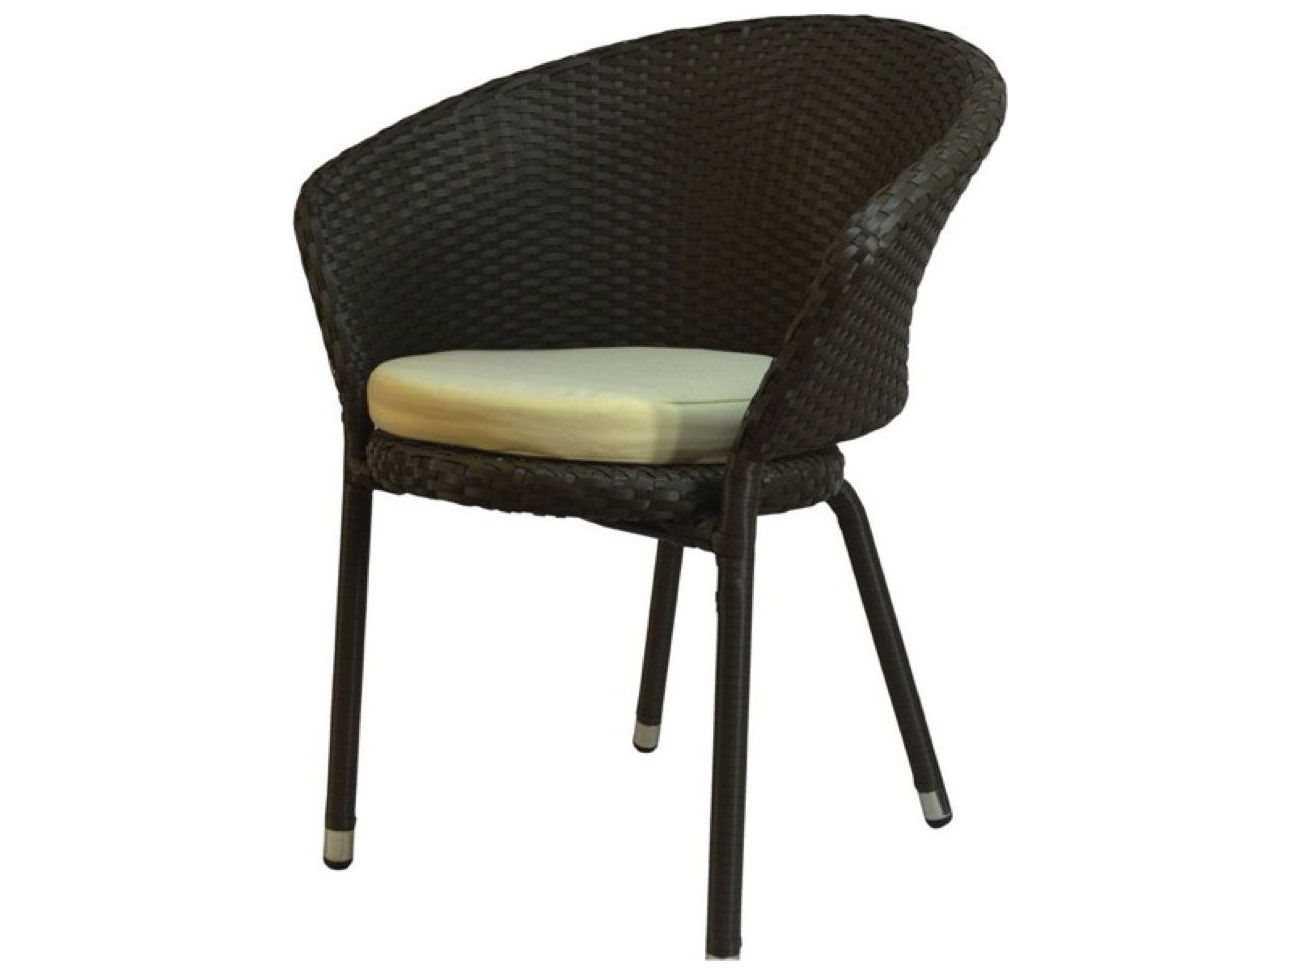 Jaavan Bistro Wicker Dining Chair JA04